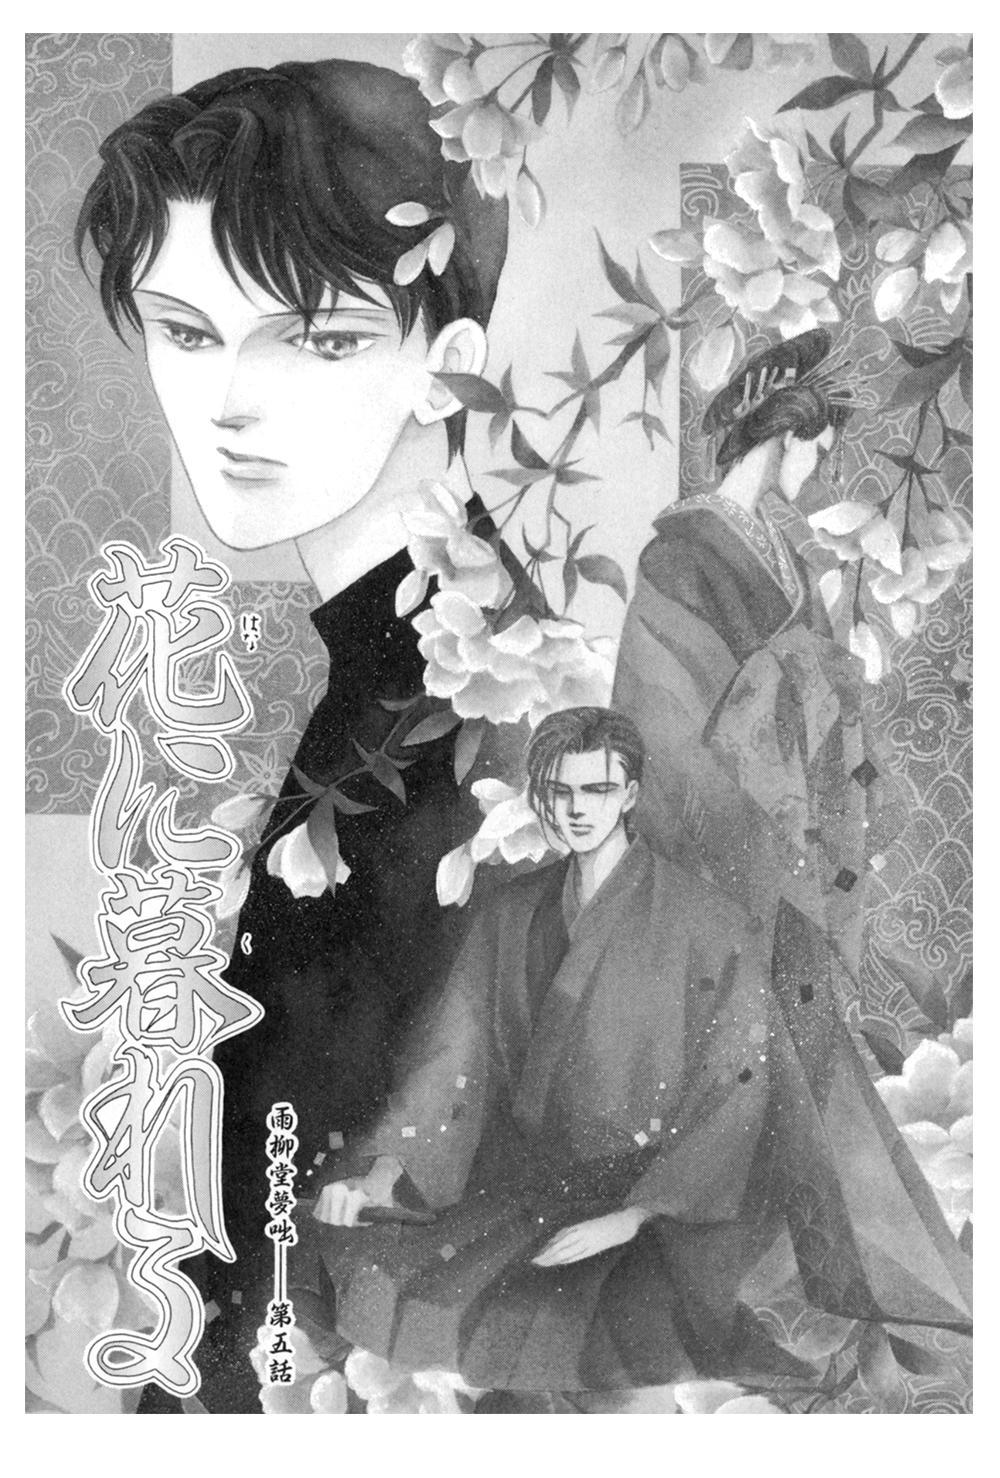 雨柳堂夢咄 第5話「花に暮れる」①uryudo01-113.jpg